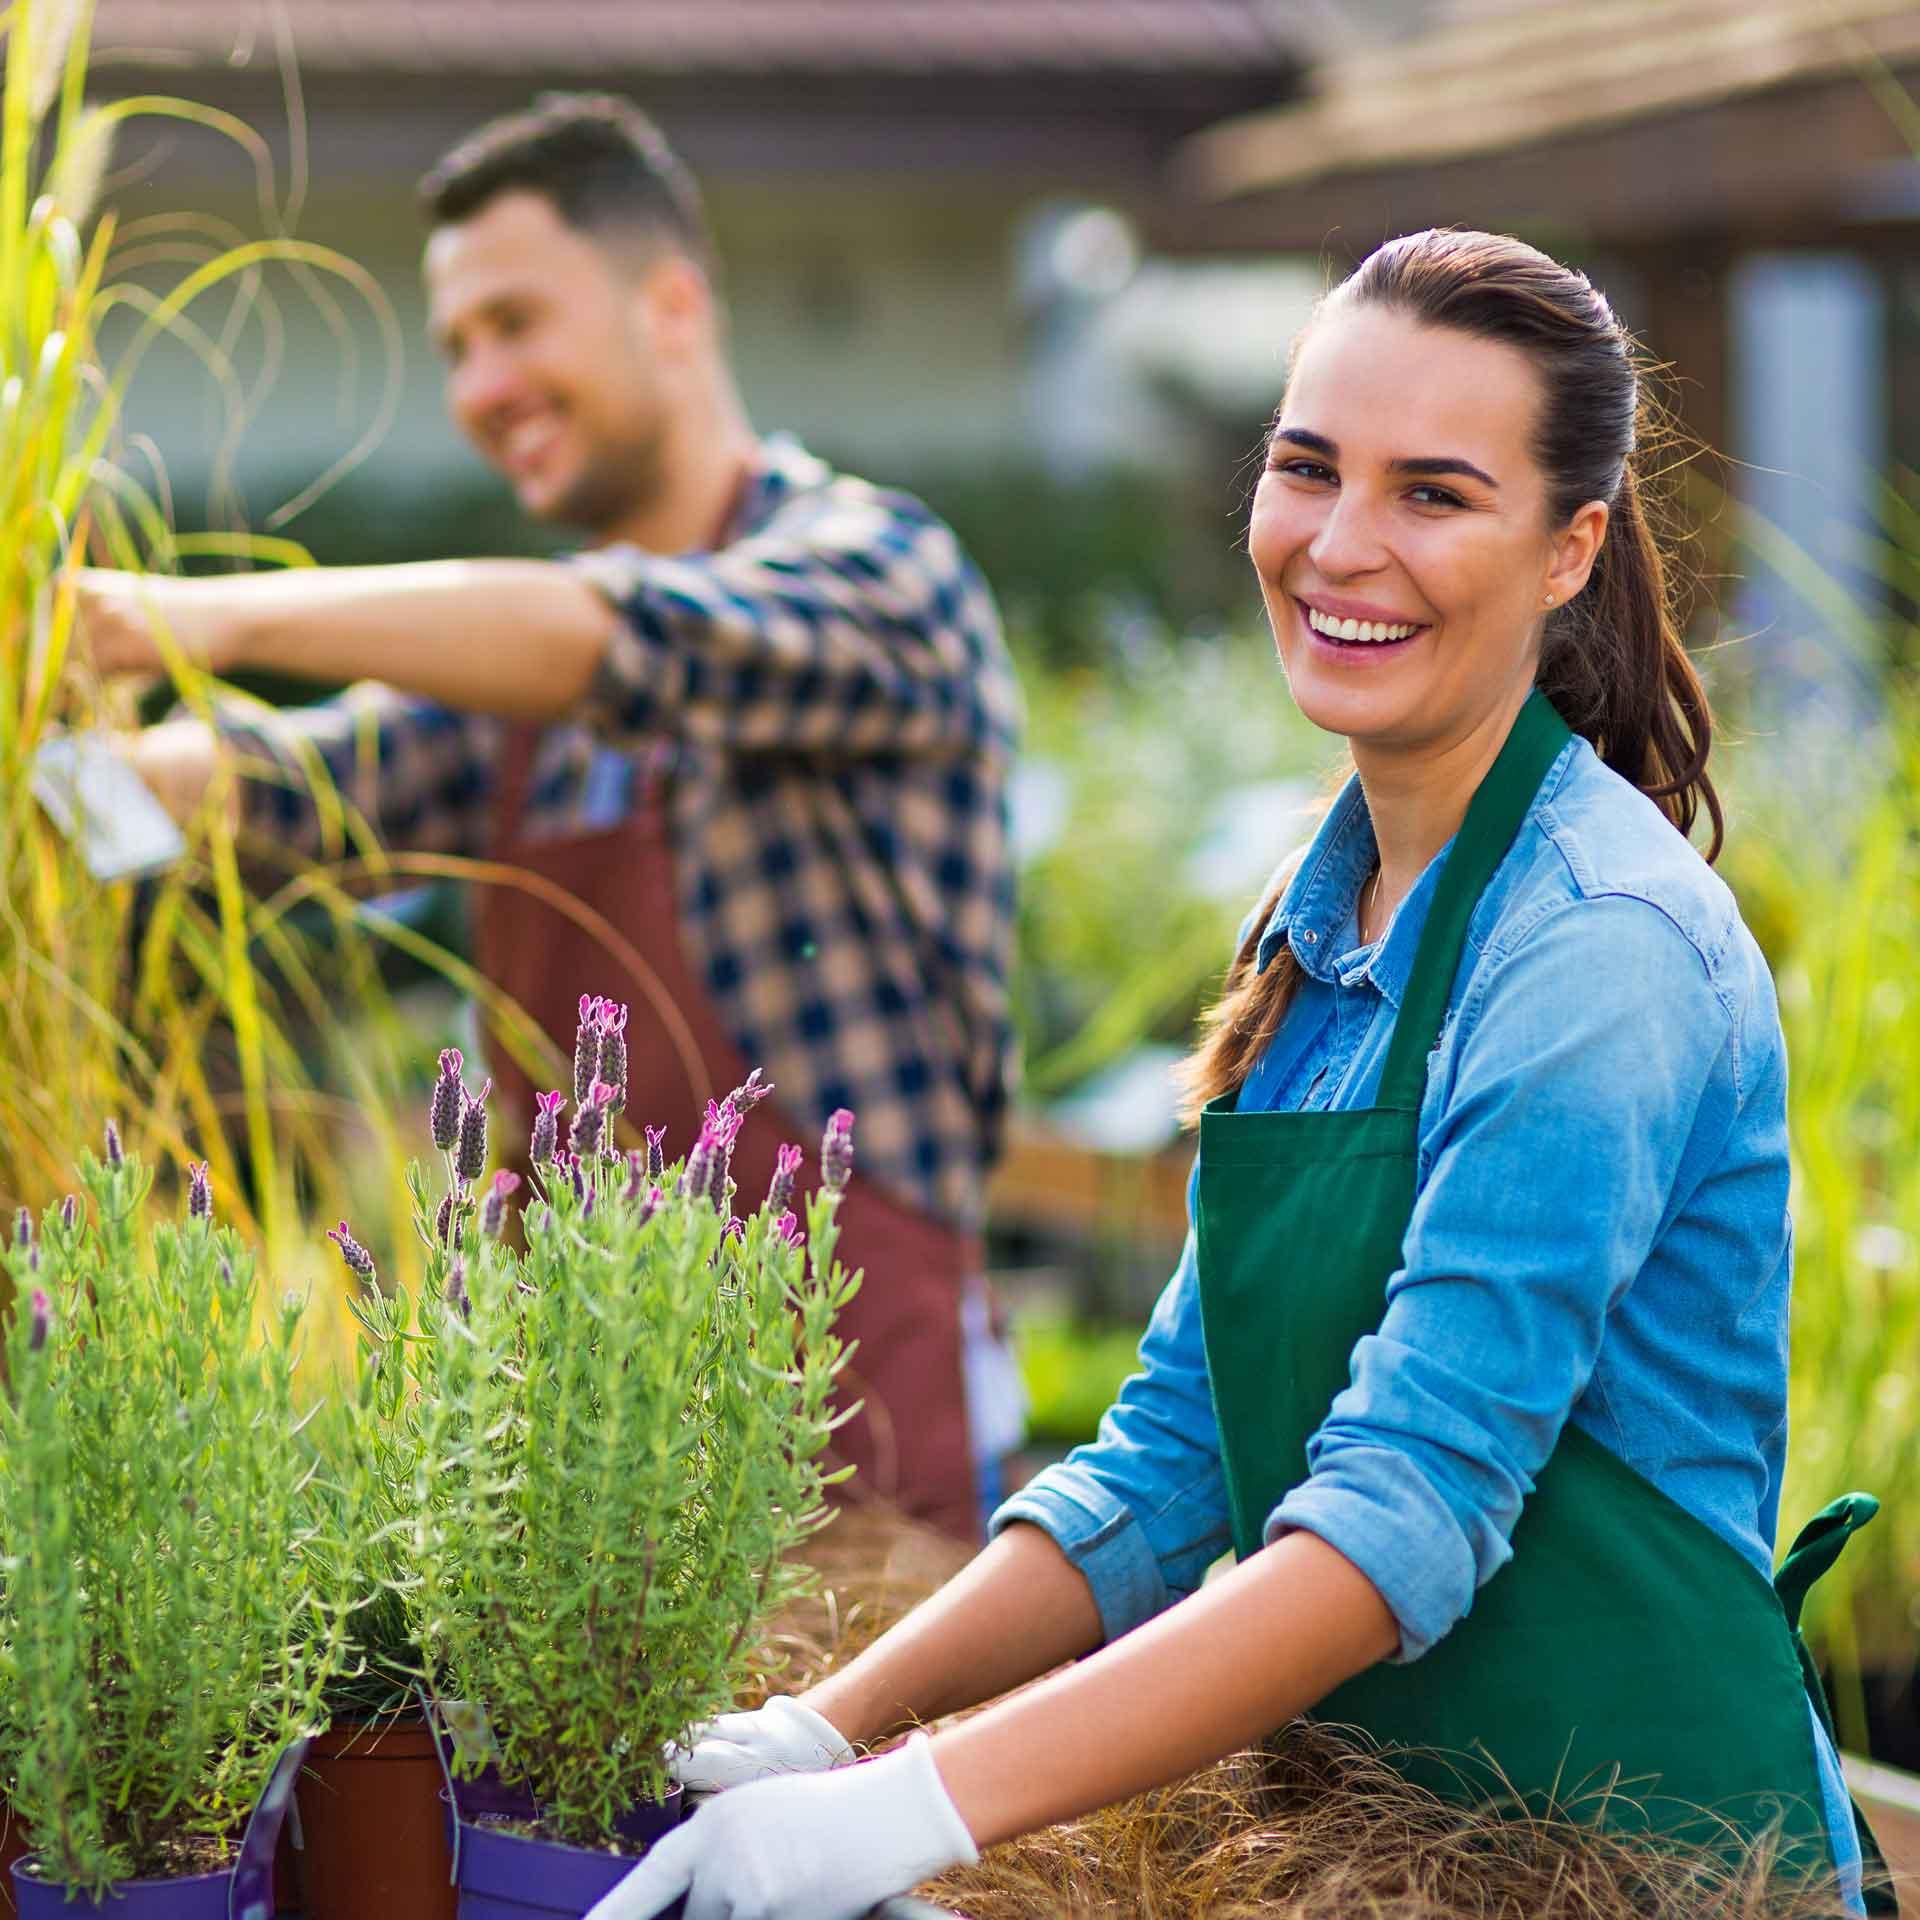 female garden center employee working